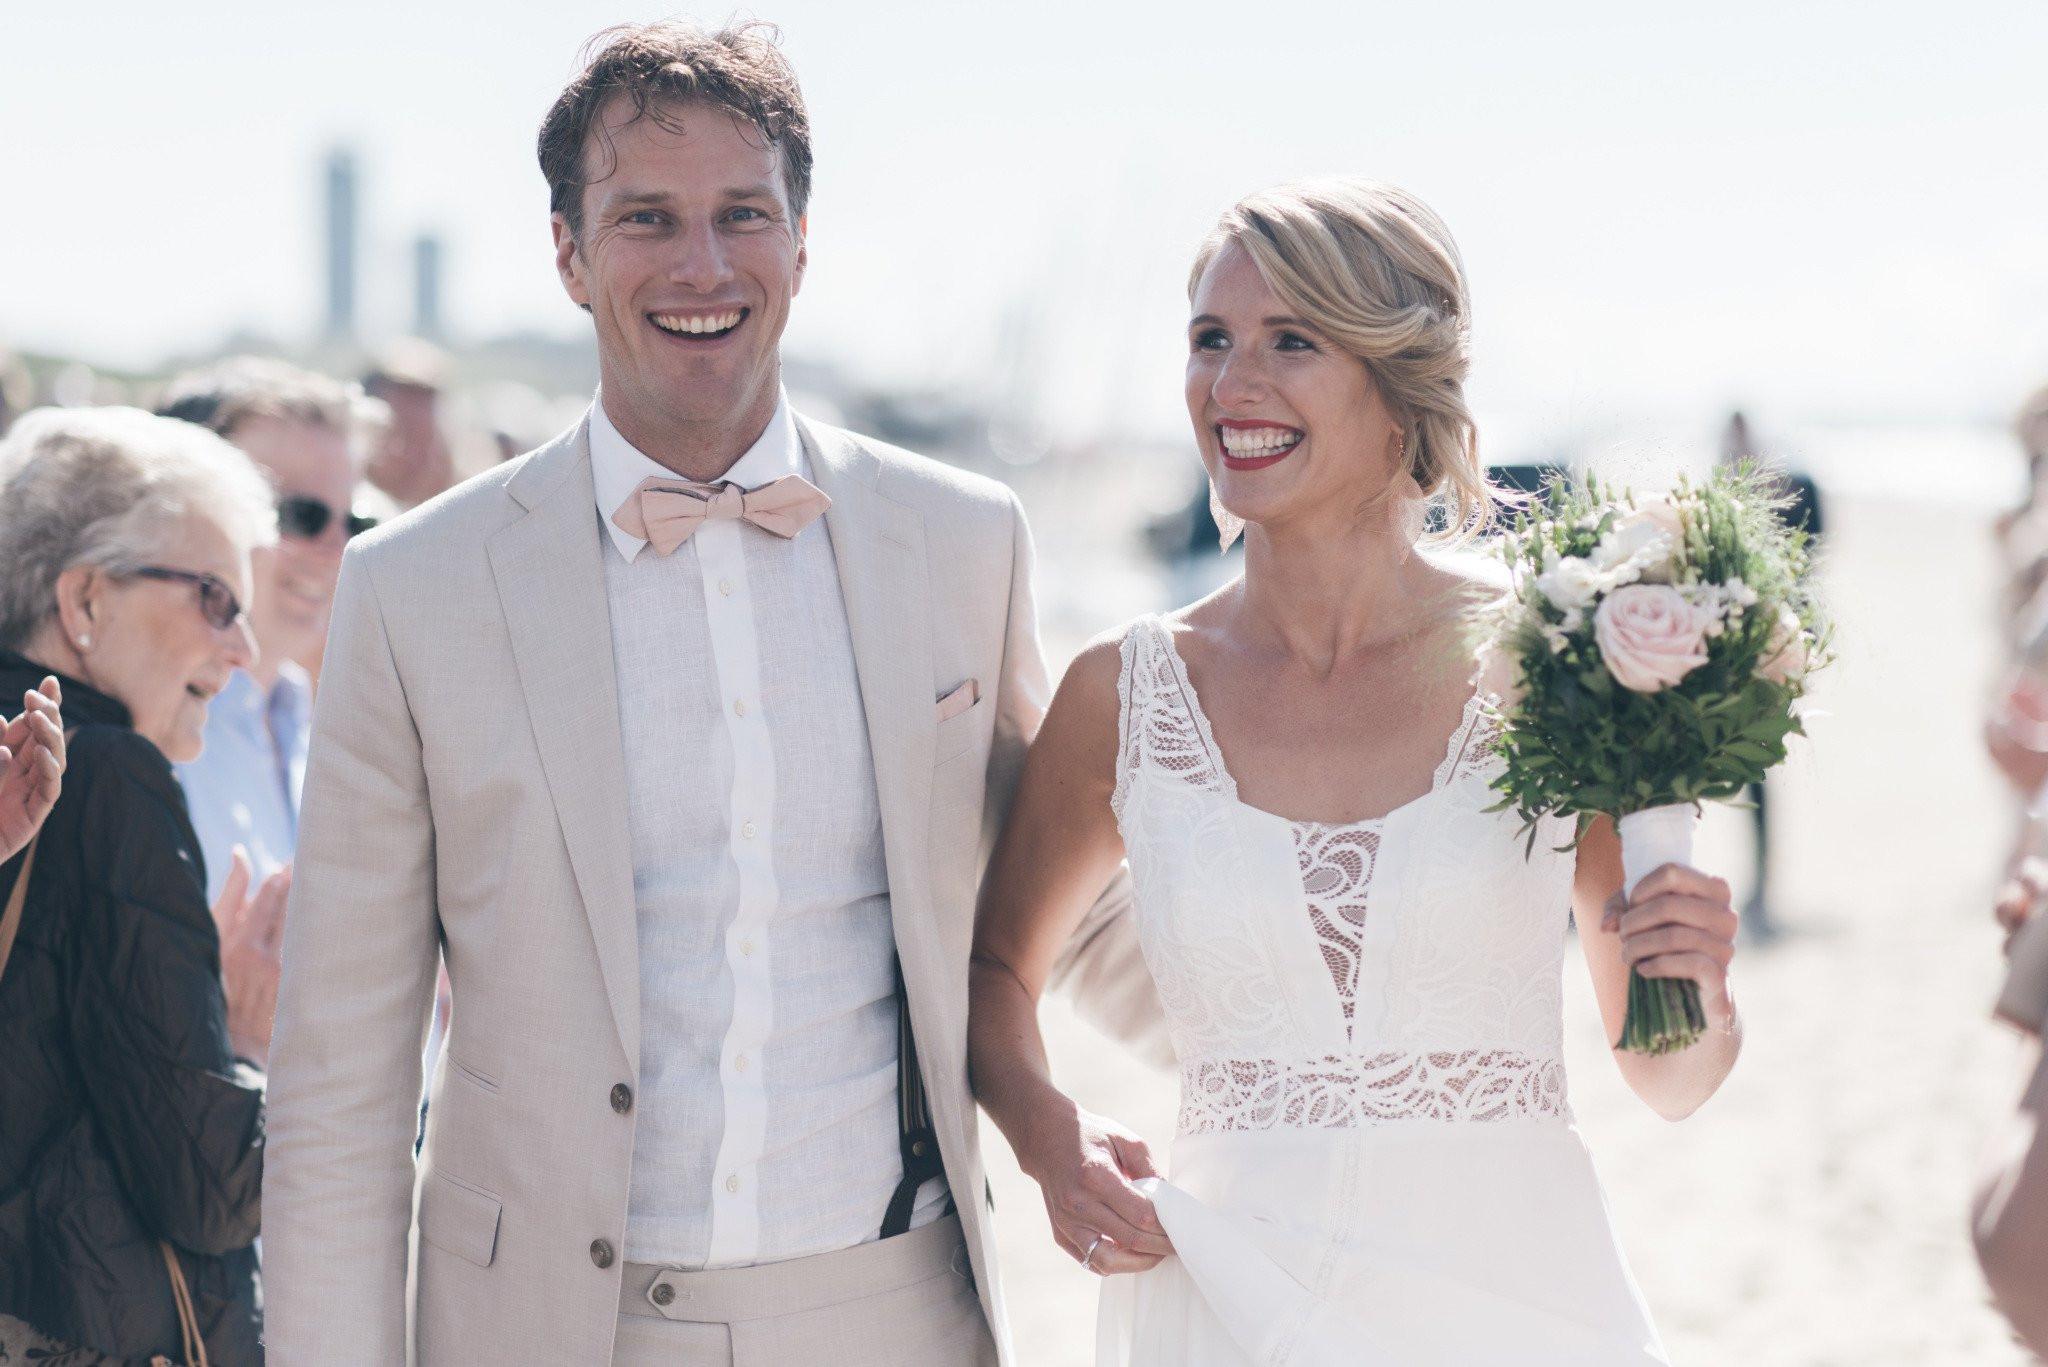 Top De etiquette van het trouwpak | ThePerfectWedding.nl XW46